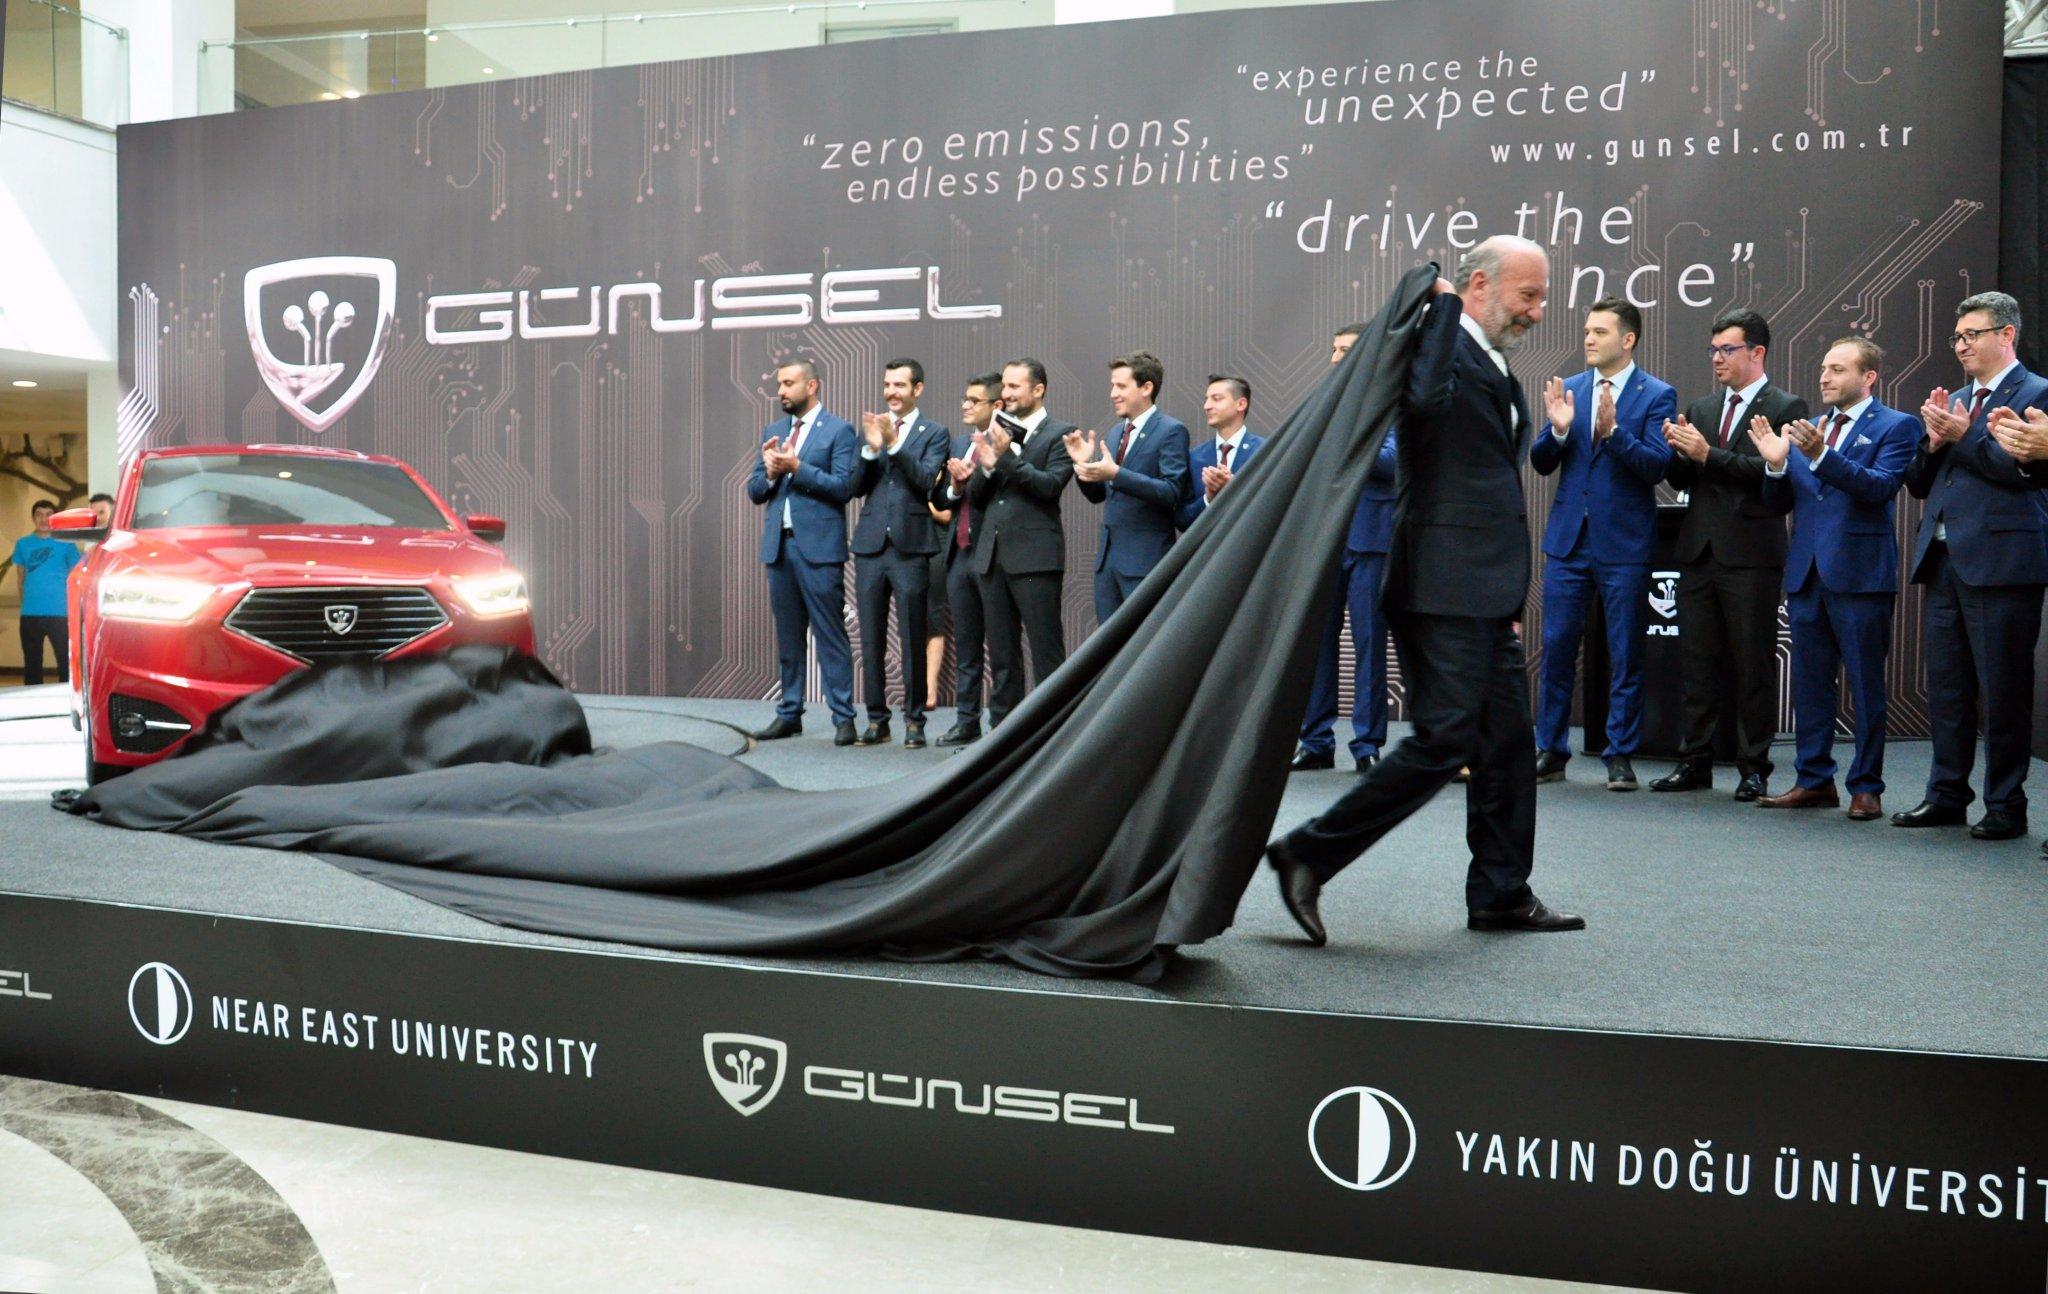 KKTC'de elektrikli bir otomobil doğuyor: Günsel